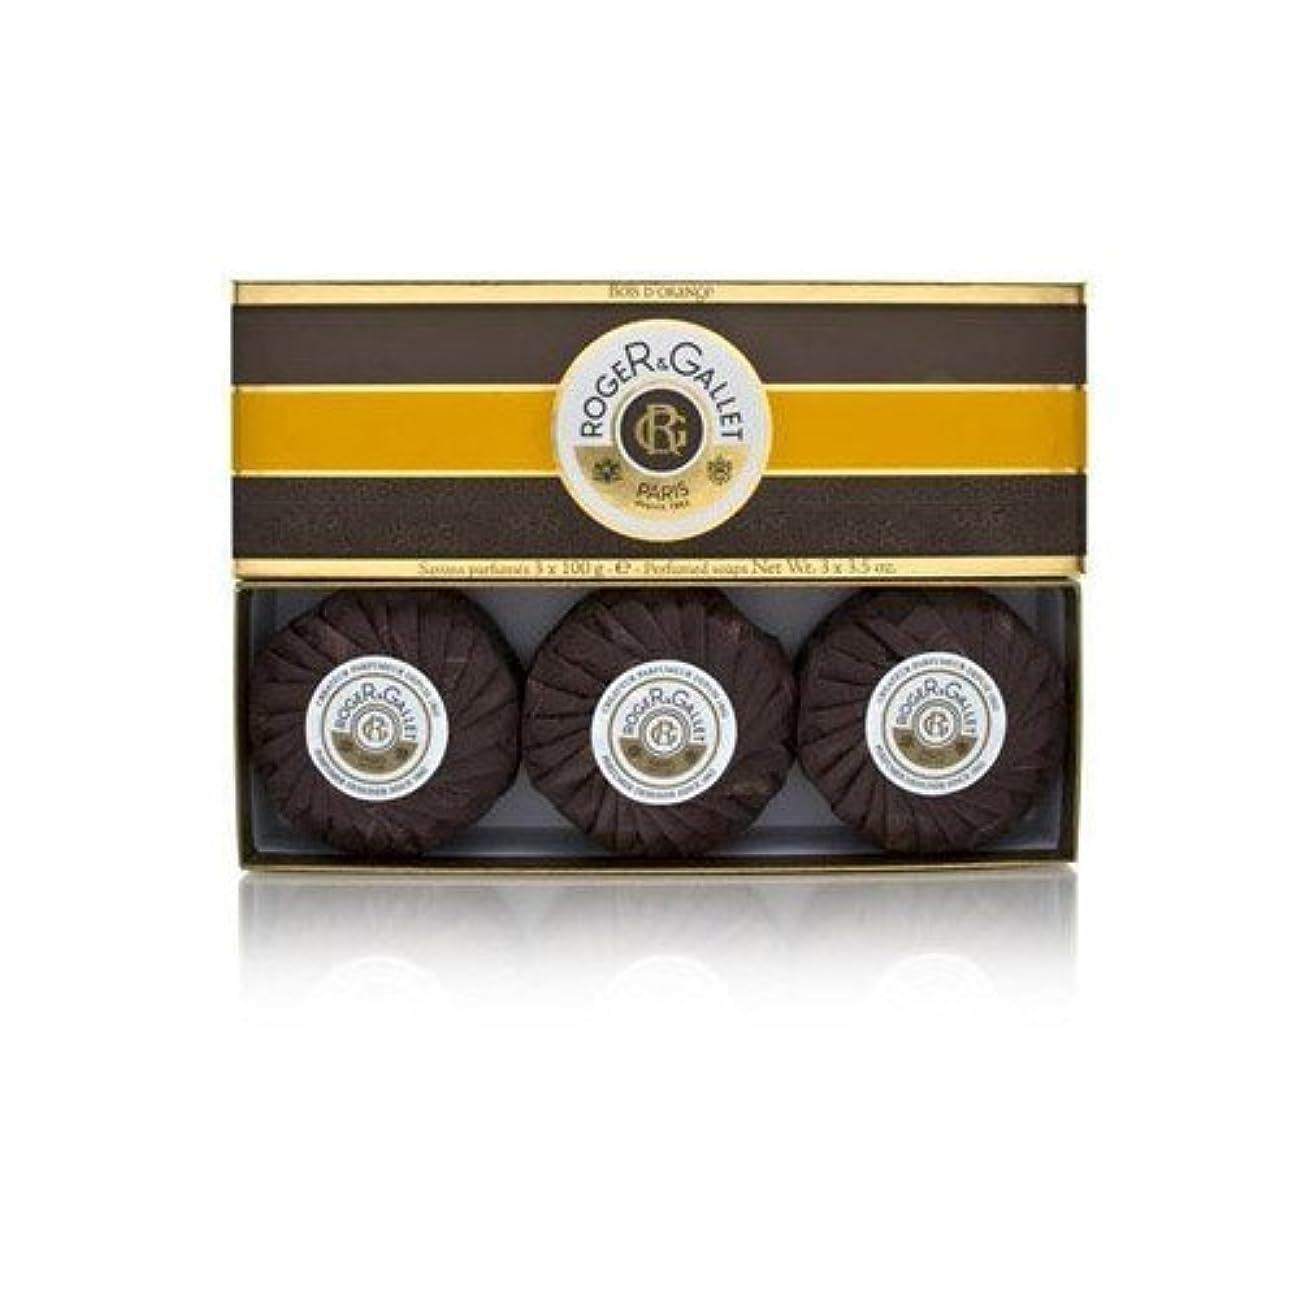 ハンディ継続中クレタロジェガレ ボワ ドランジュ (オレンジツリー) 香水石鹸3個セット ROGER&GALLET BOIS D'ORANGE PERFUMED SOAP [0161]